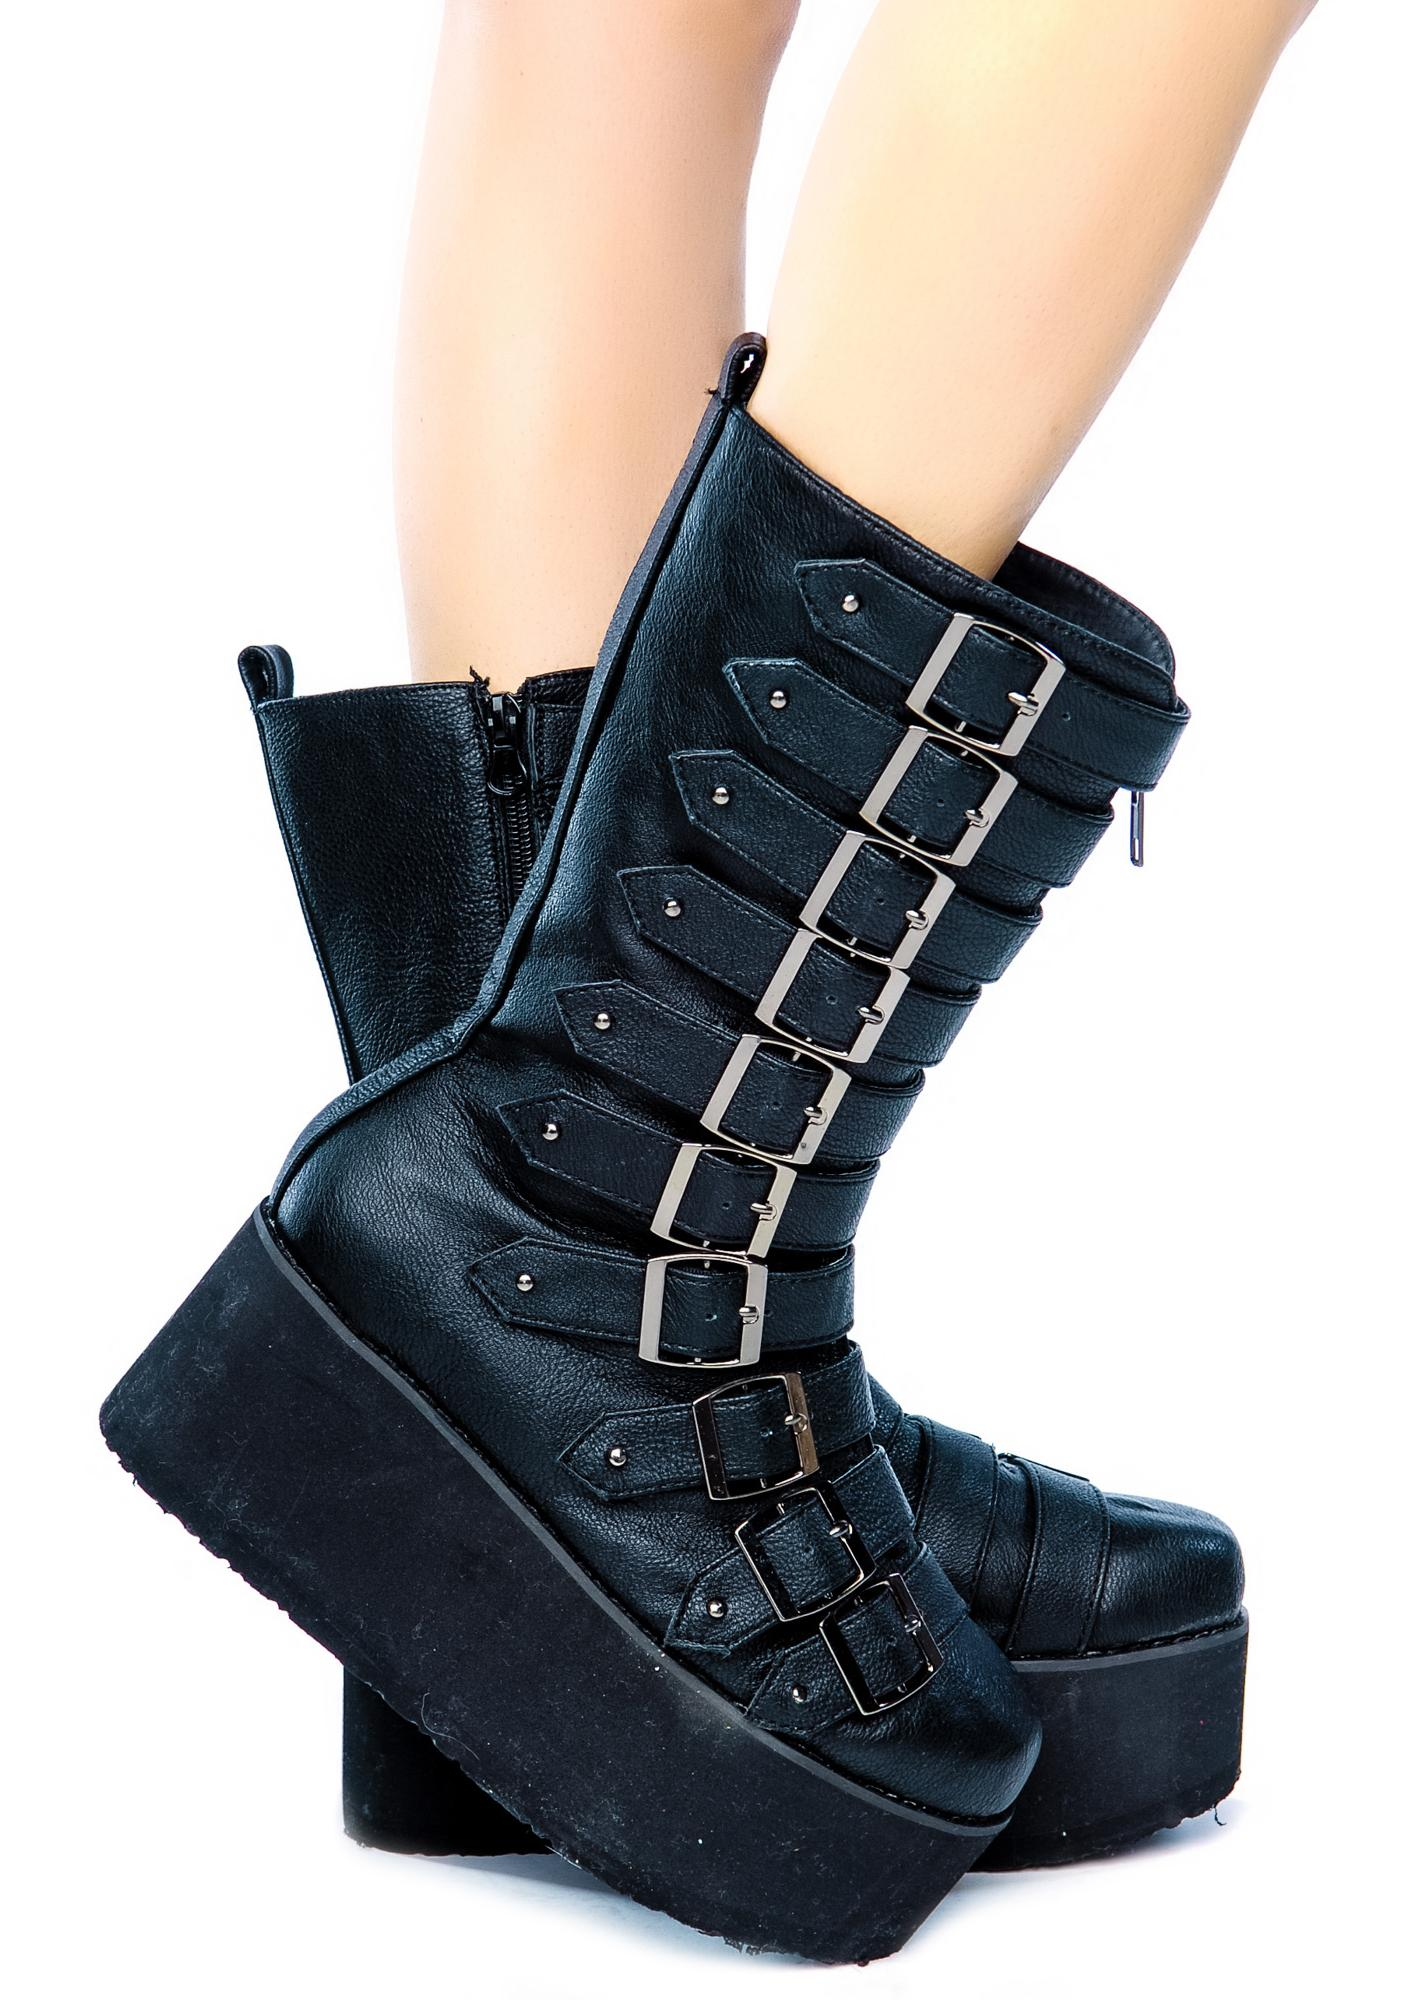 Paris Platform Boots